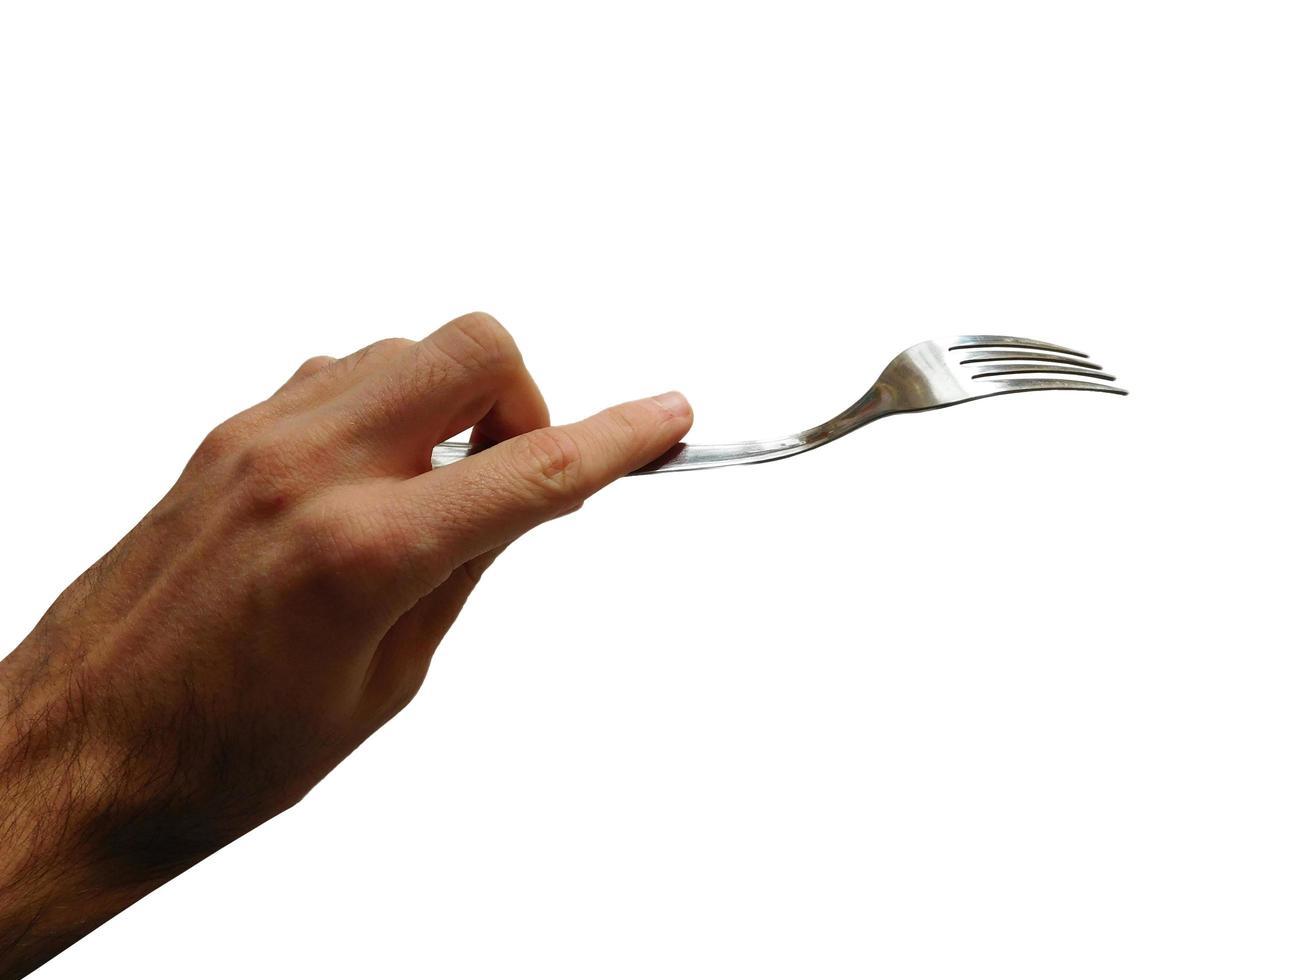 Mano sujetando un tenedor de madera aislado en fondo blanco. foto